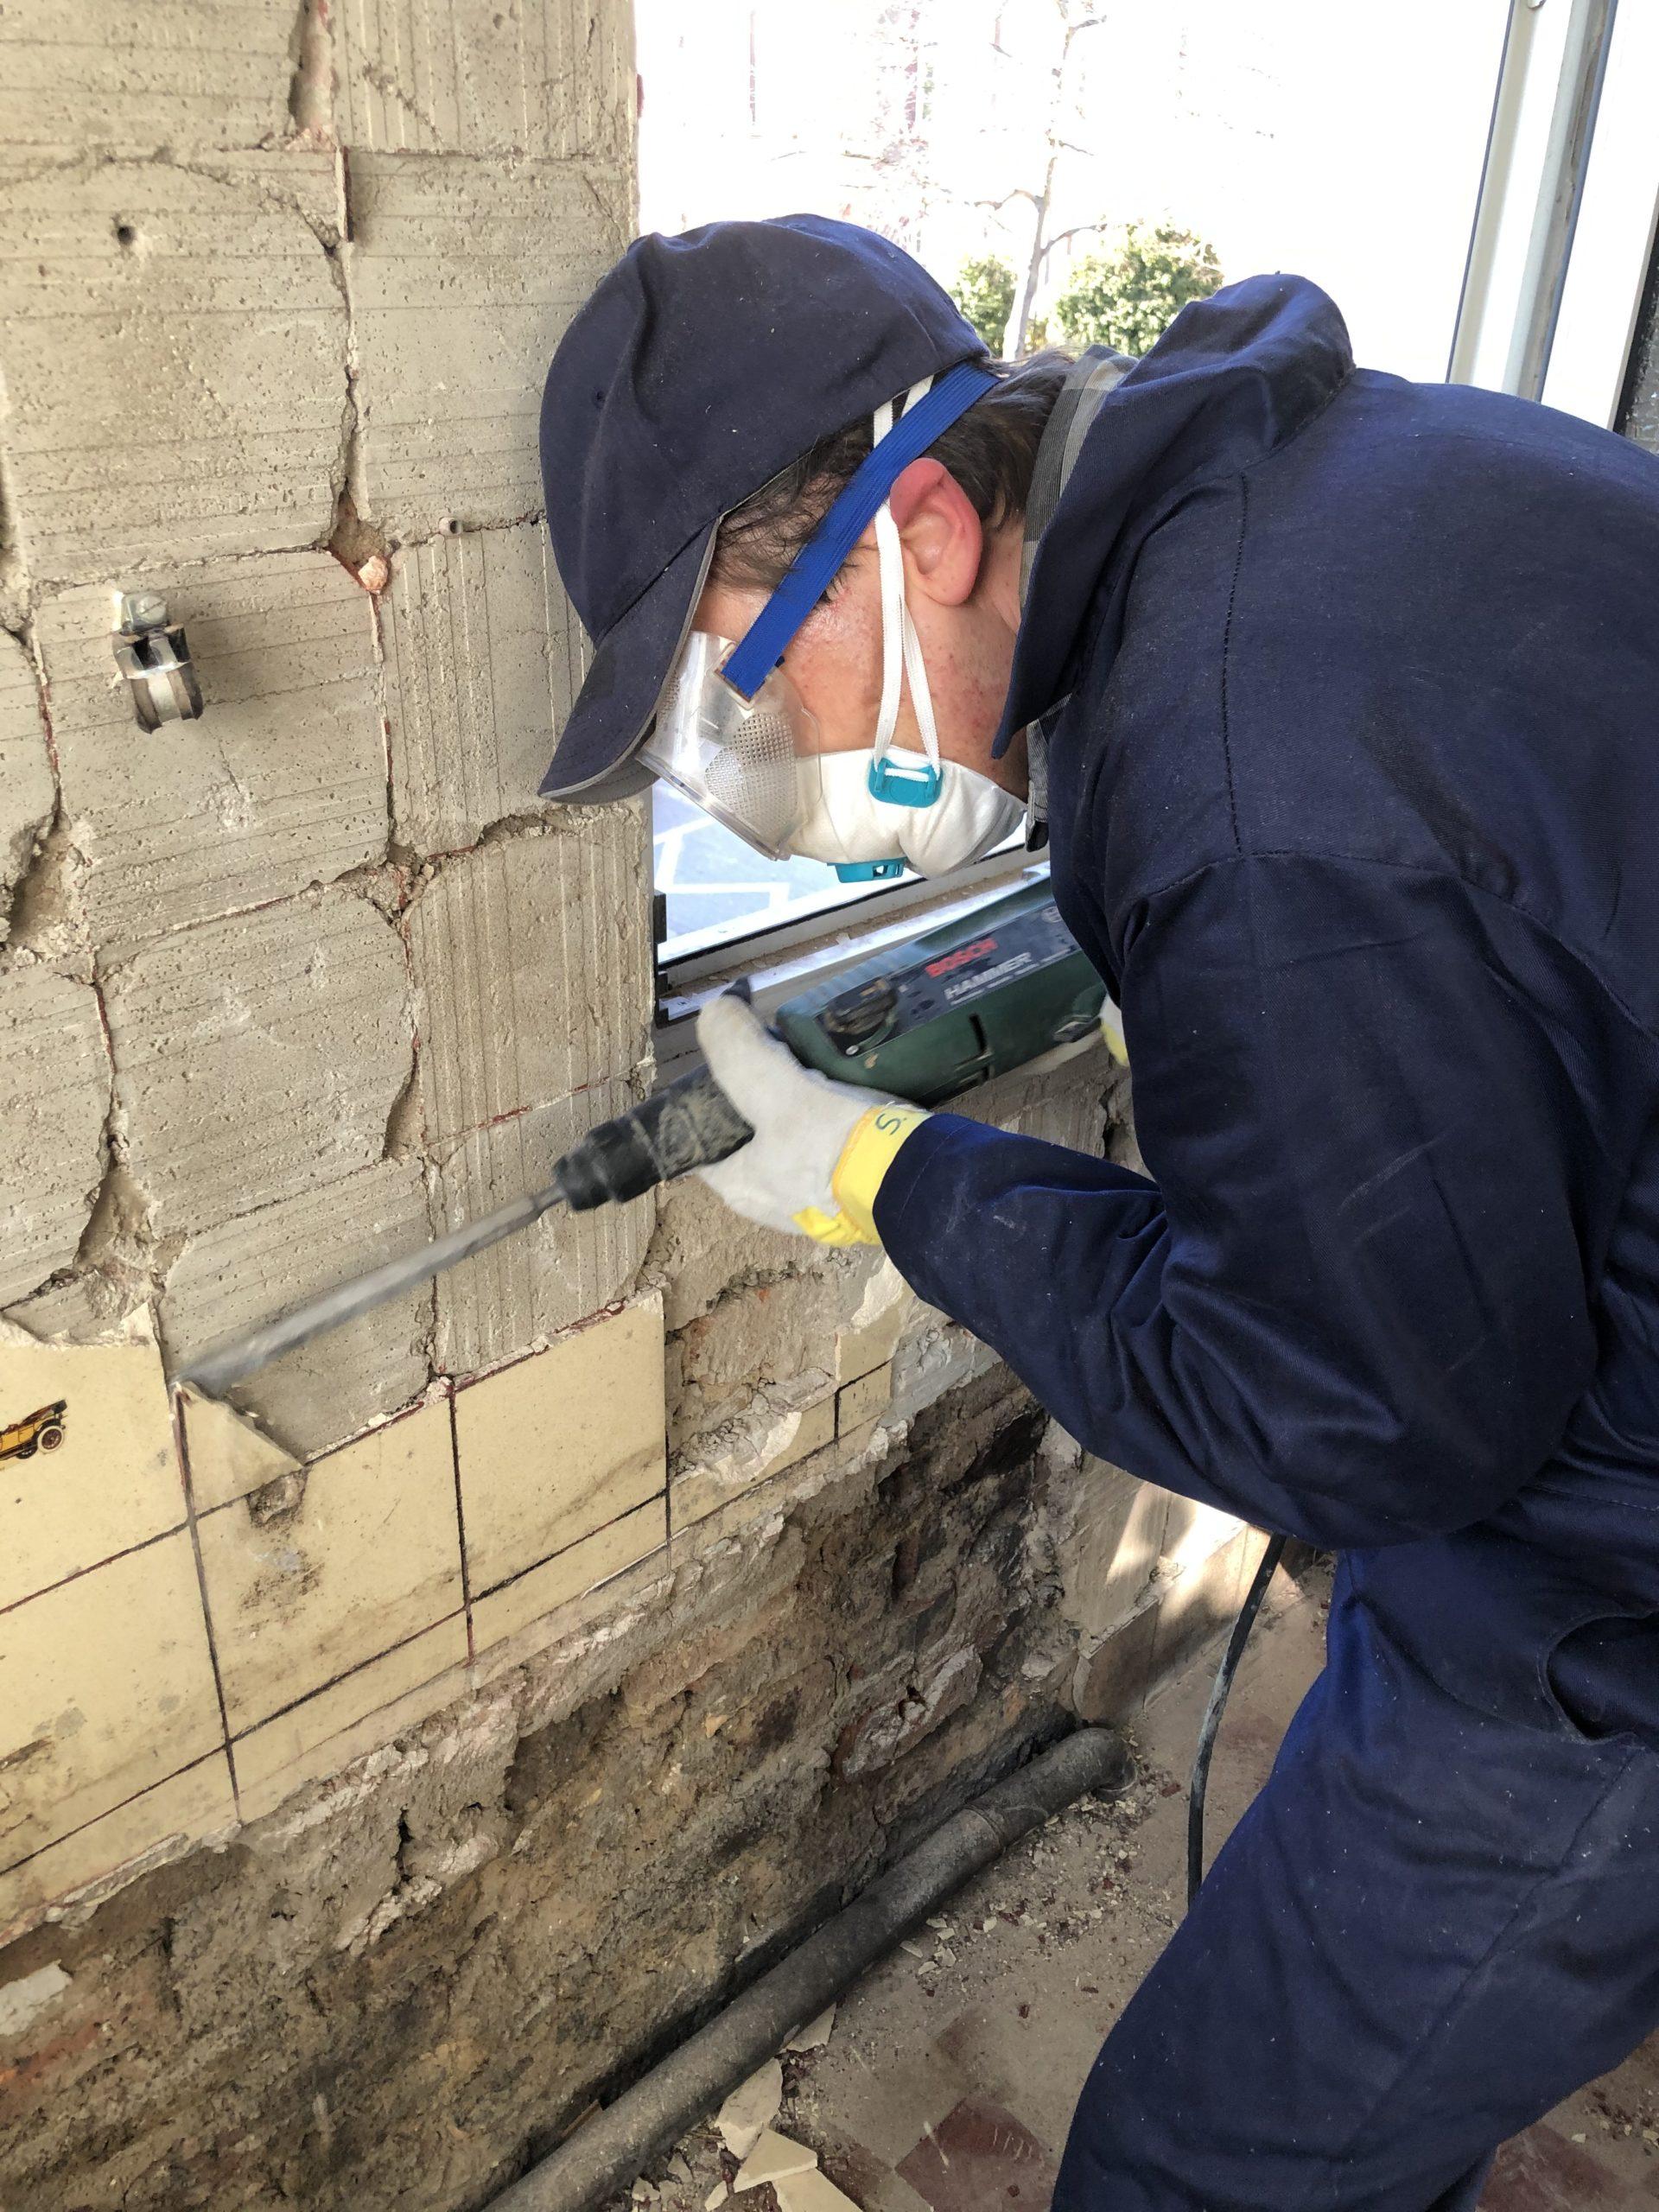 Umsonstladen: Sanierung im 1. Stock geht weiter – ehemaliges Bad der Bäckerei entkernt…